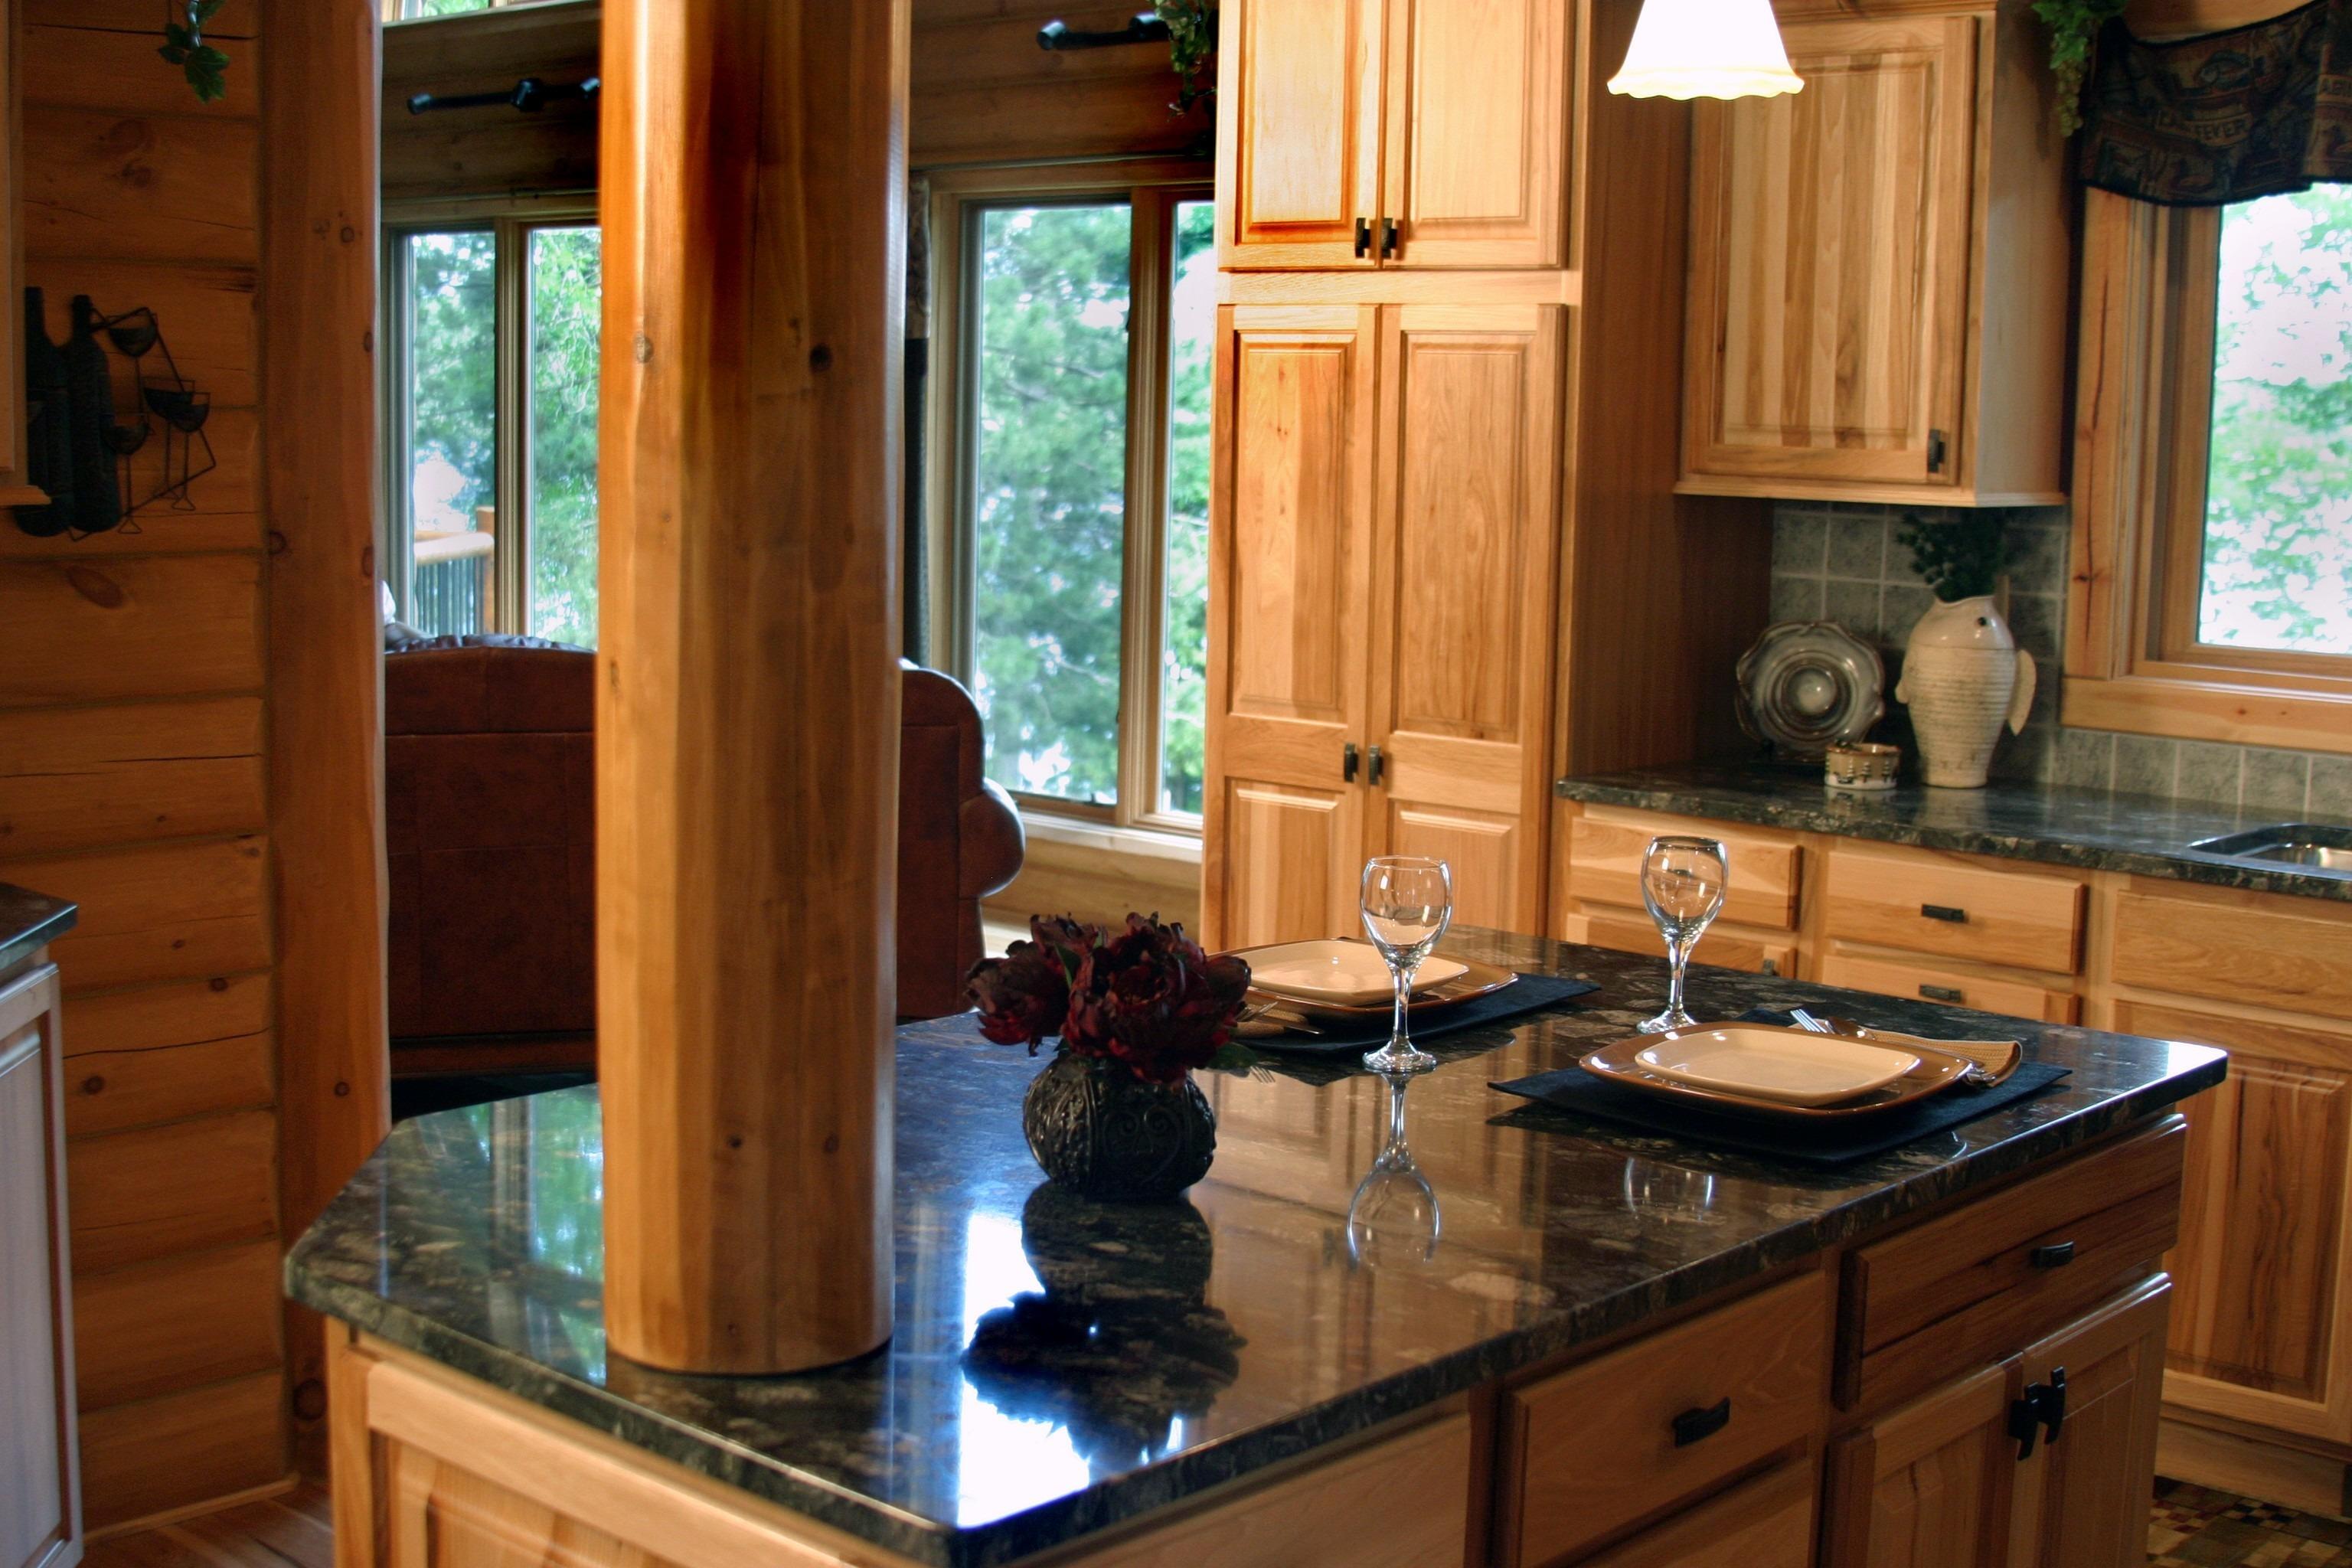 Granit Küchenarbeitsplatte | Küchenarbeitsplatte aus 200 Granit-Sorten